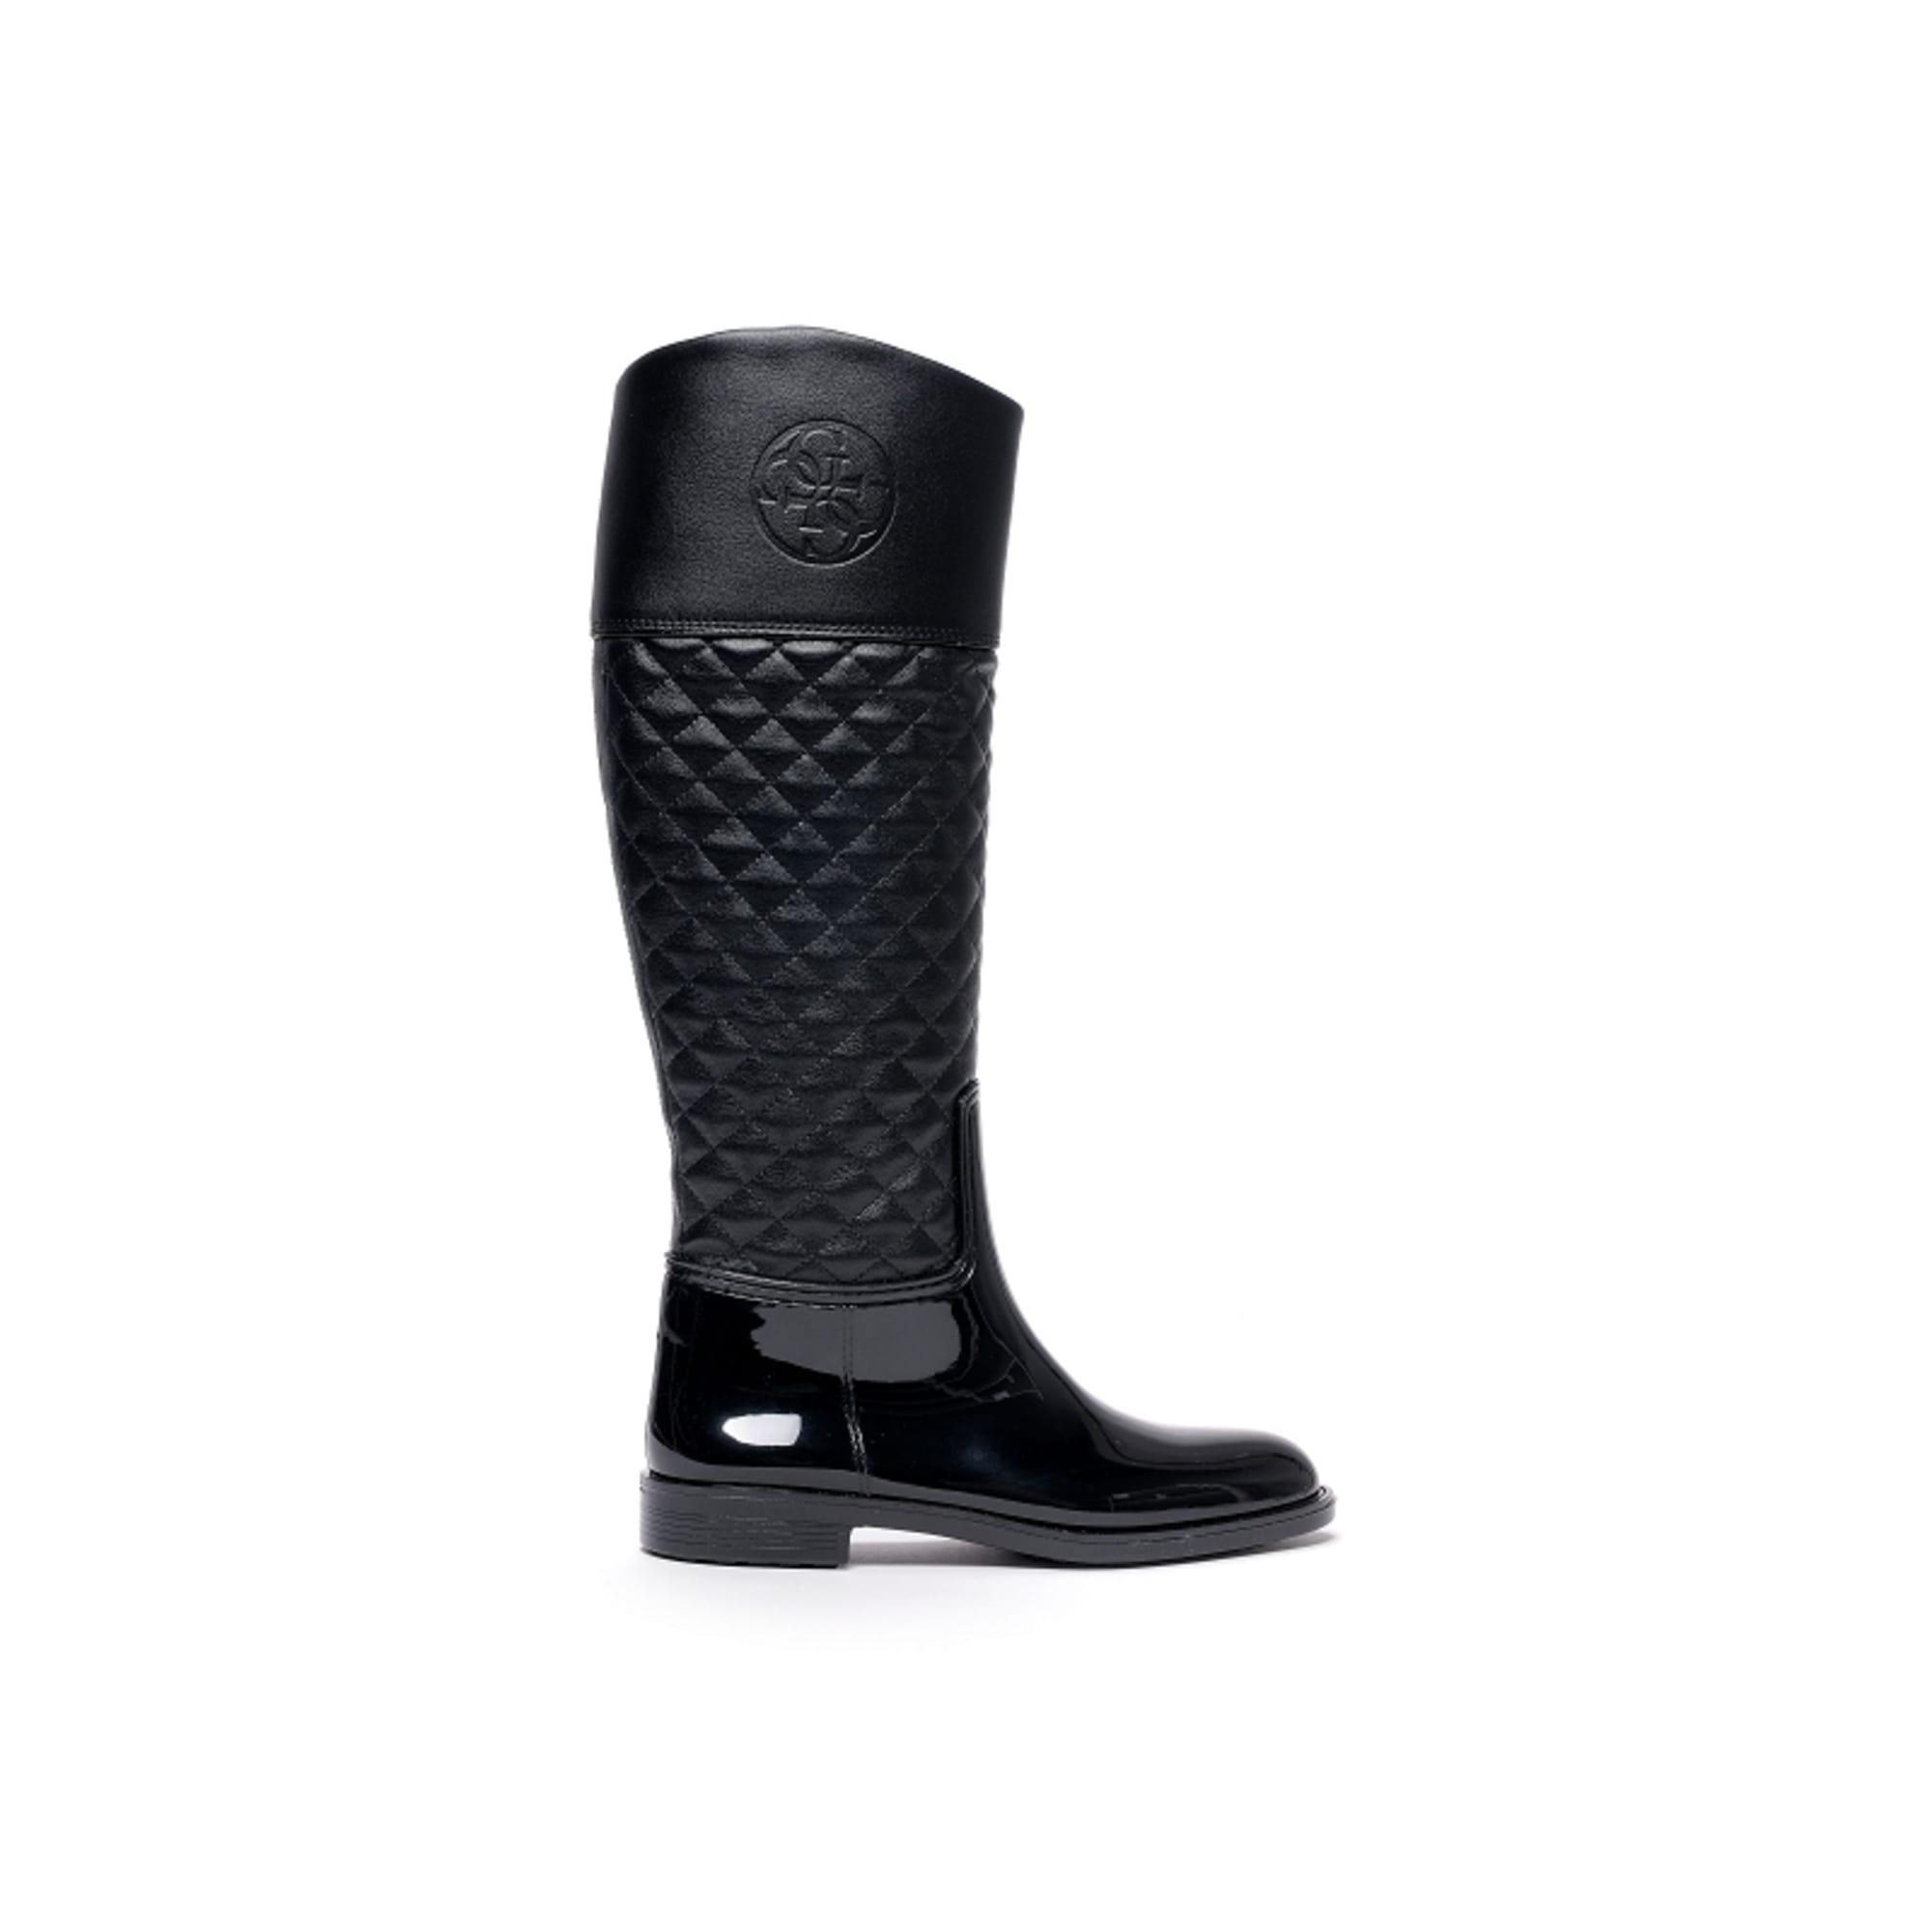 Bottes de pluie GUESS 39 noir vendu par Sublime - 7301855 a8e0b5df699